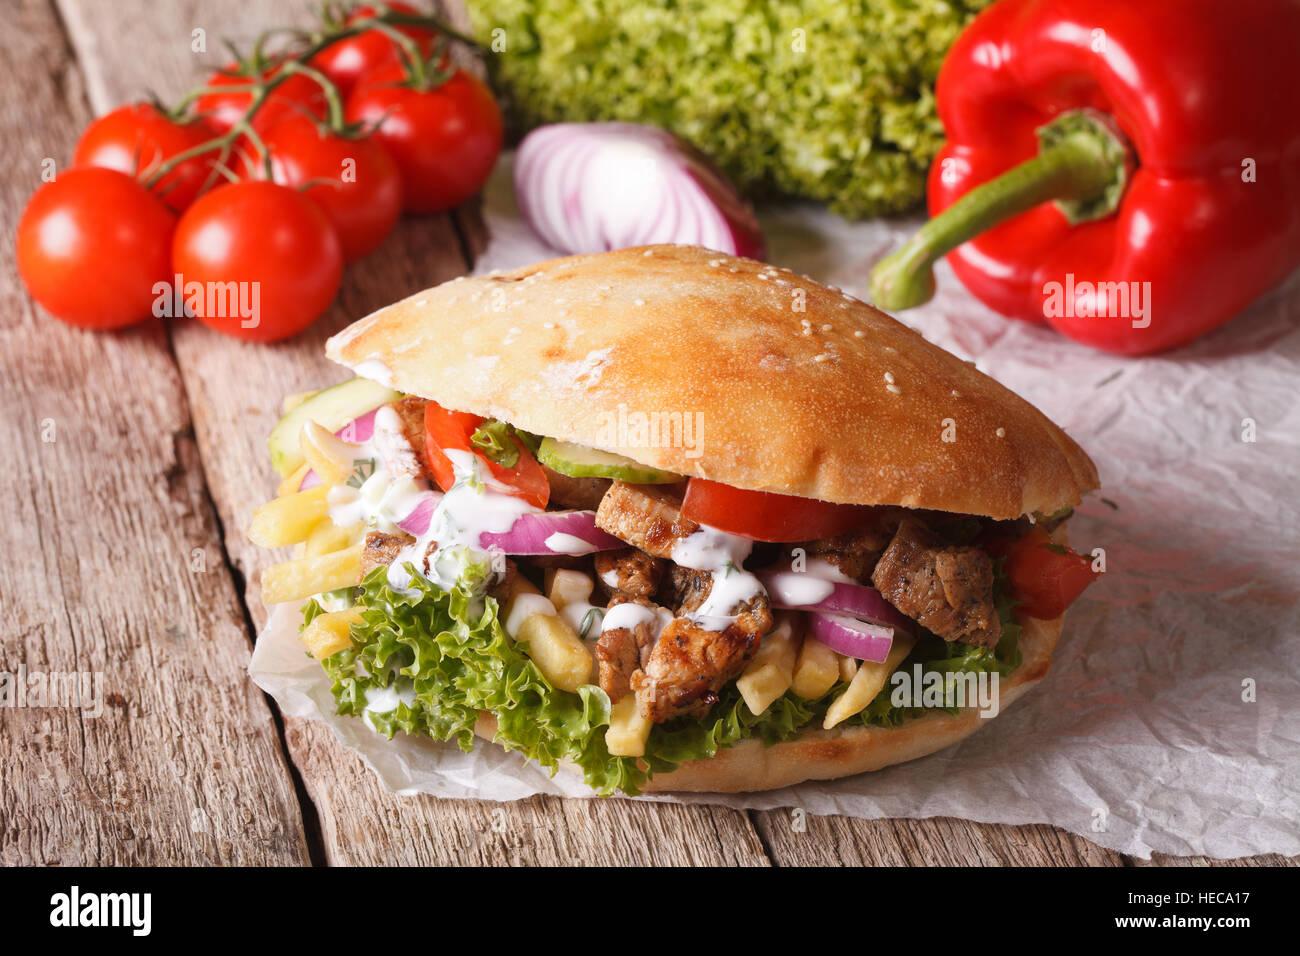 Fast Food: döner kebab avec de la viande, des légumes et des frites sur la table horizontale. Photo Stock